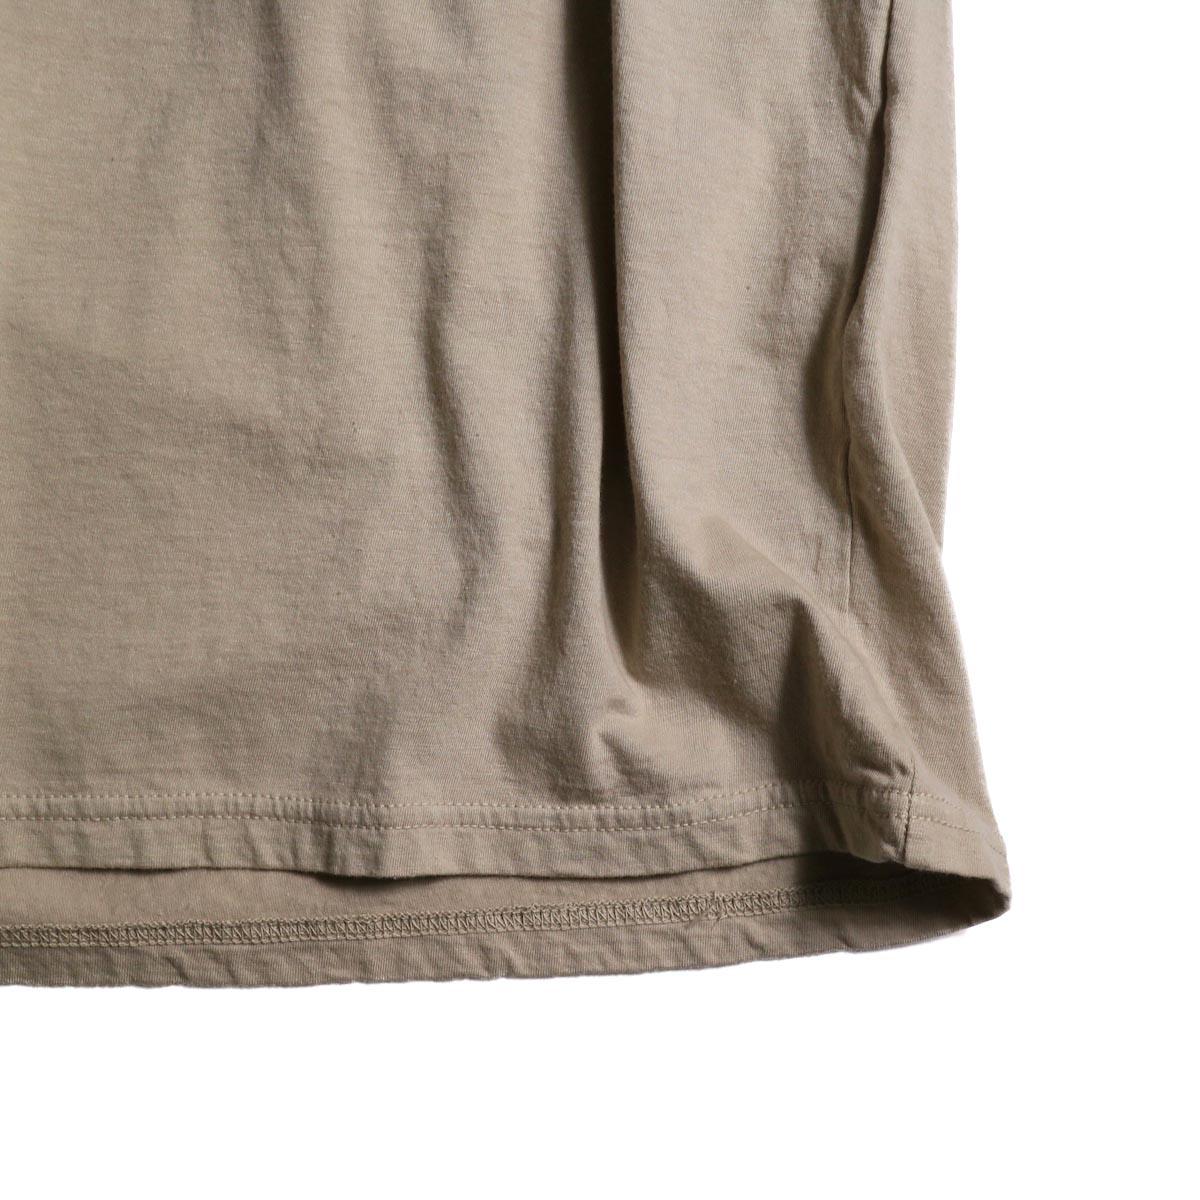 UNUSED / US1575 Crew Neck S/S Tee (Beige)裾